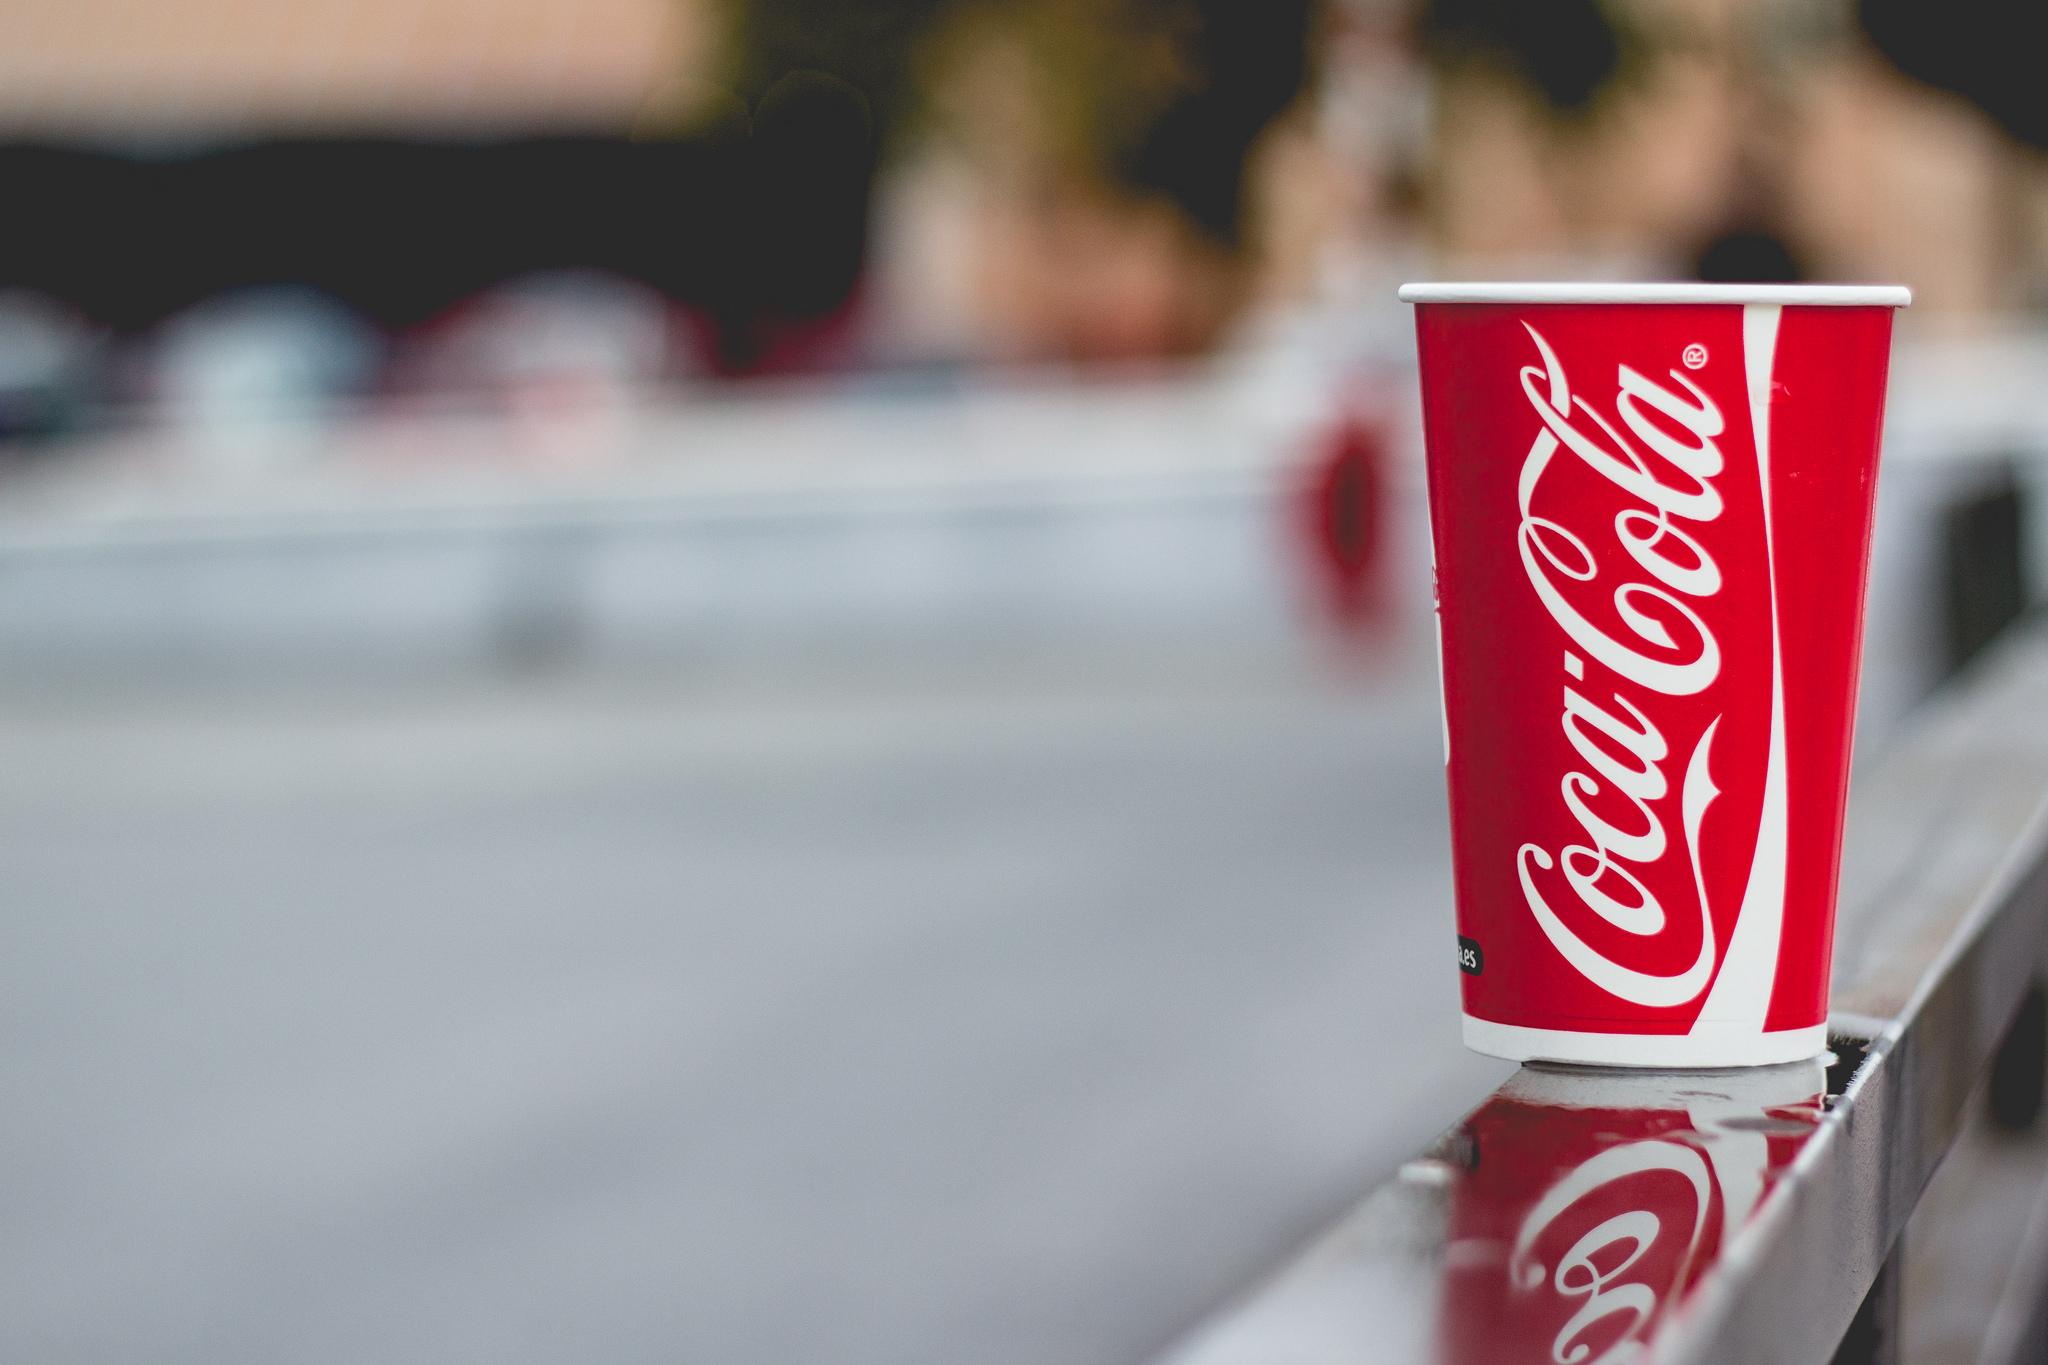 Oszustwo na Coca Colę